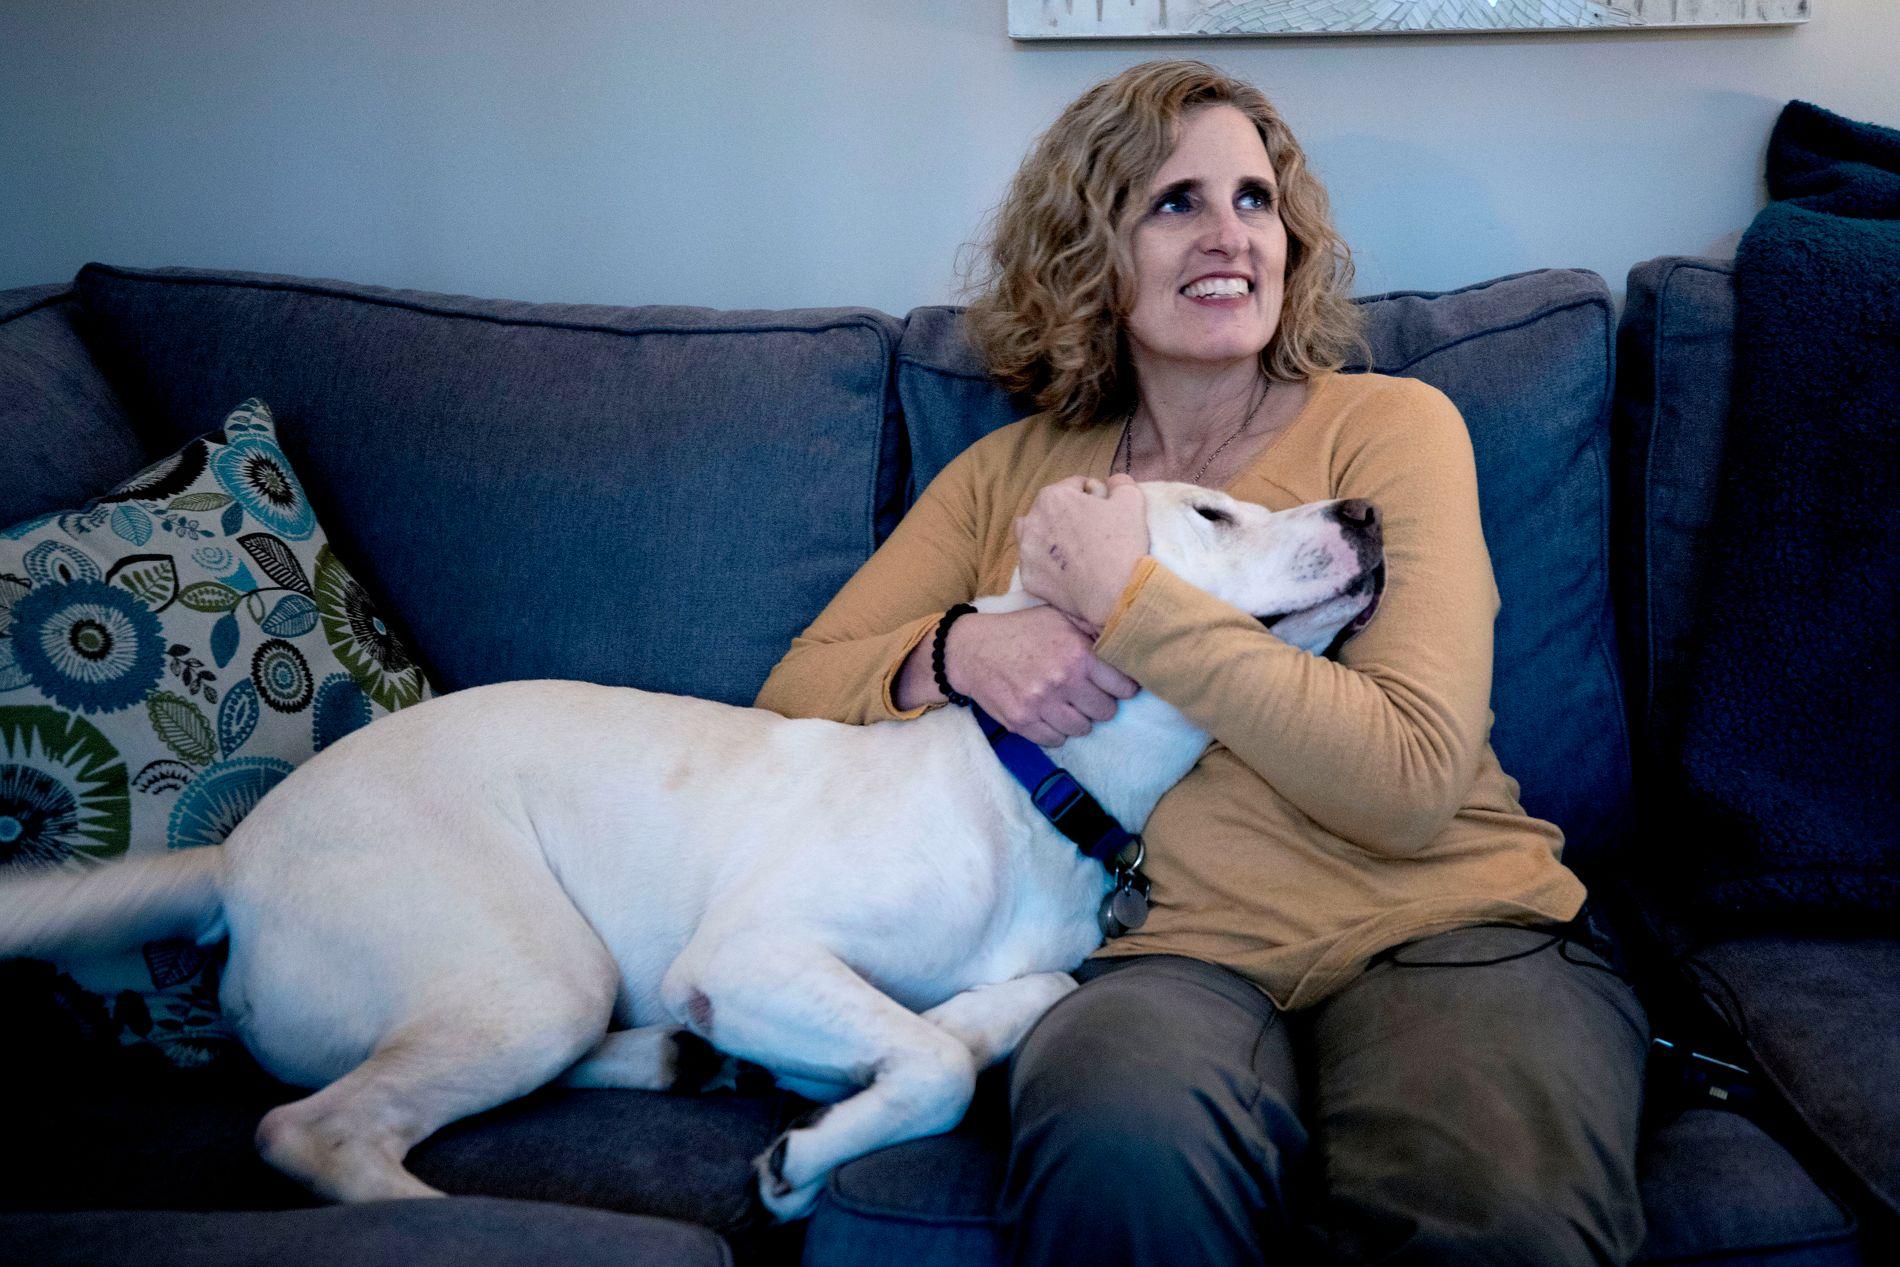 FIKK SPARKEN: Juli Briskman fikk sparken fra sin forrige jobb etter å ha vist fingeren til USAs president. Her sammen med kjæledeggen Sailor.